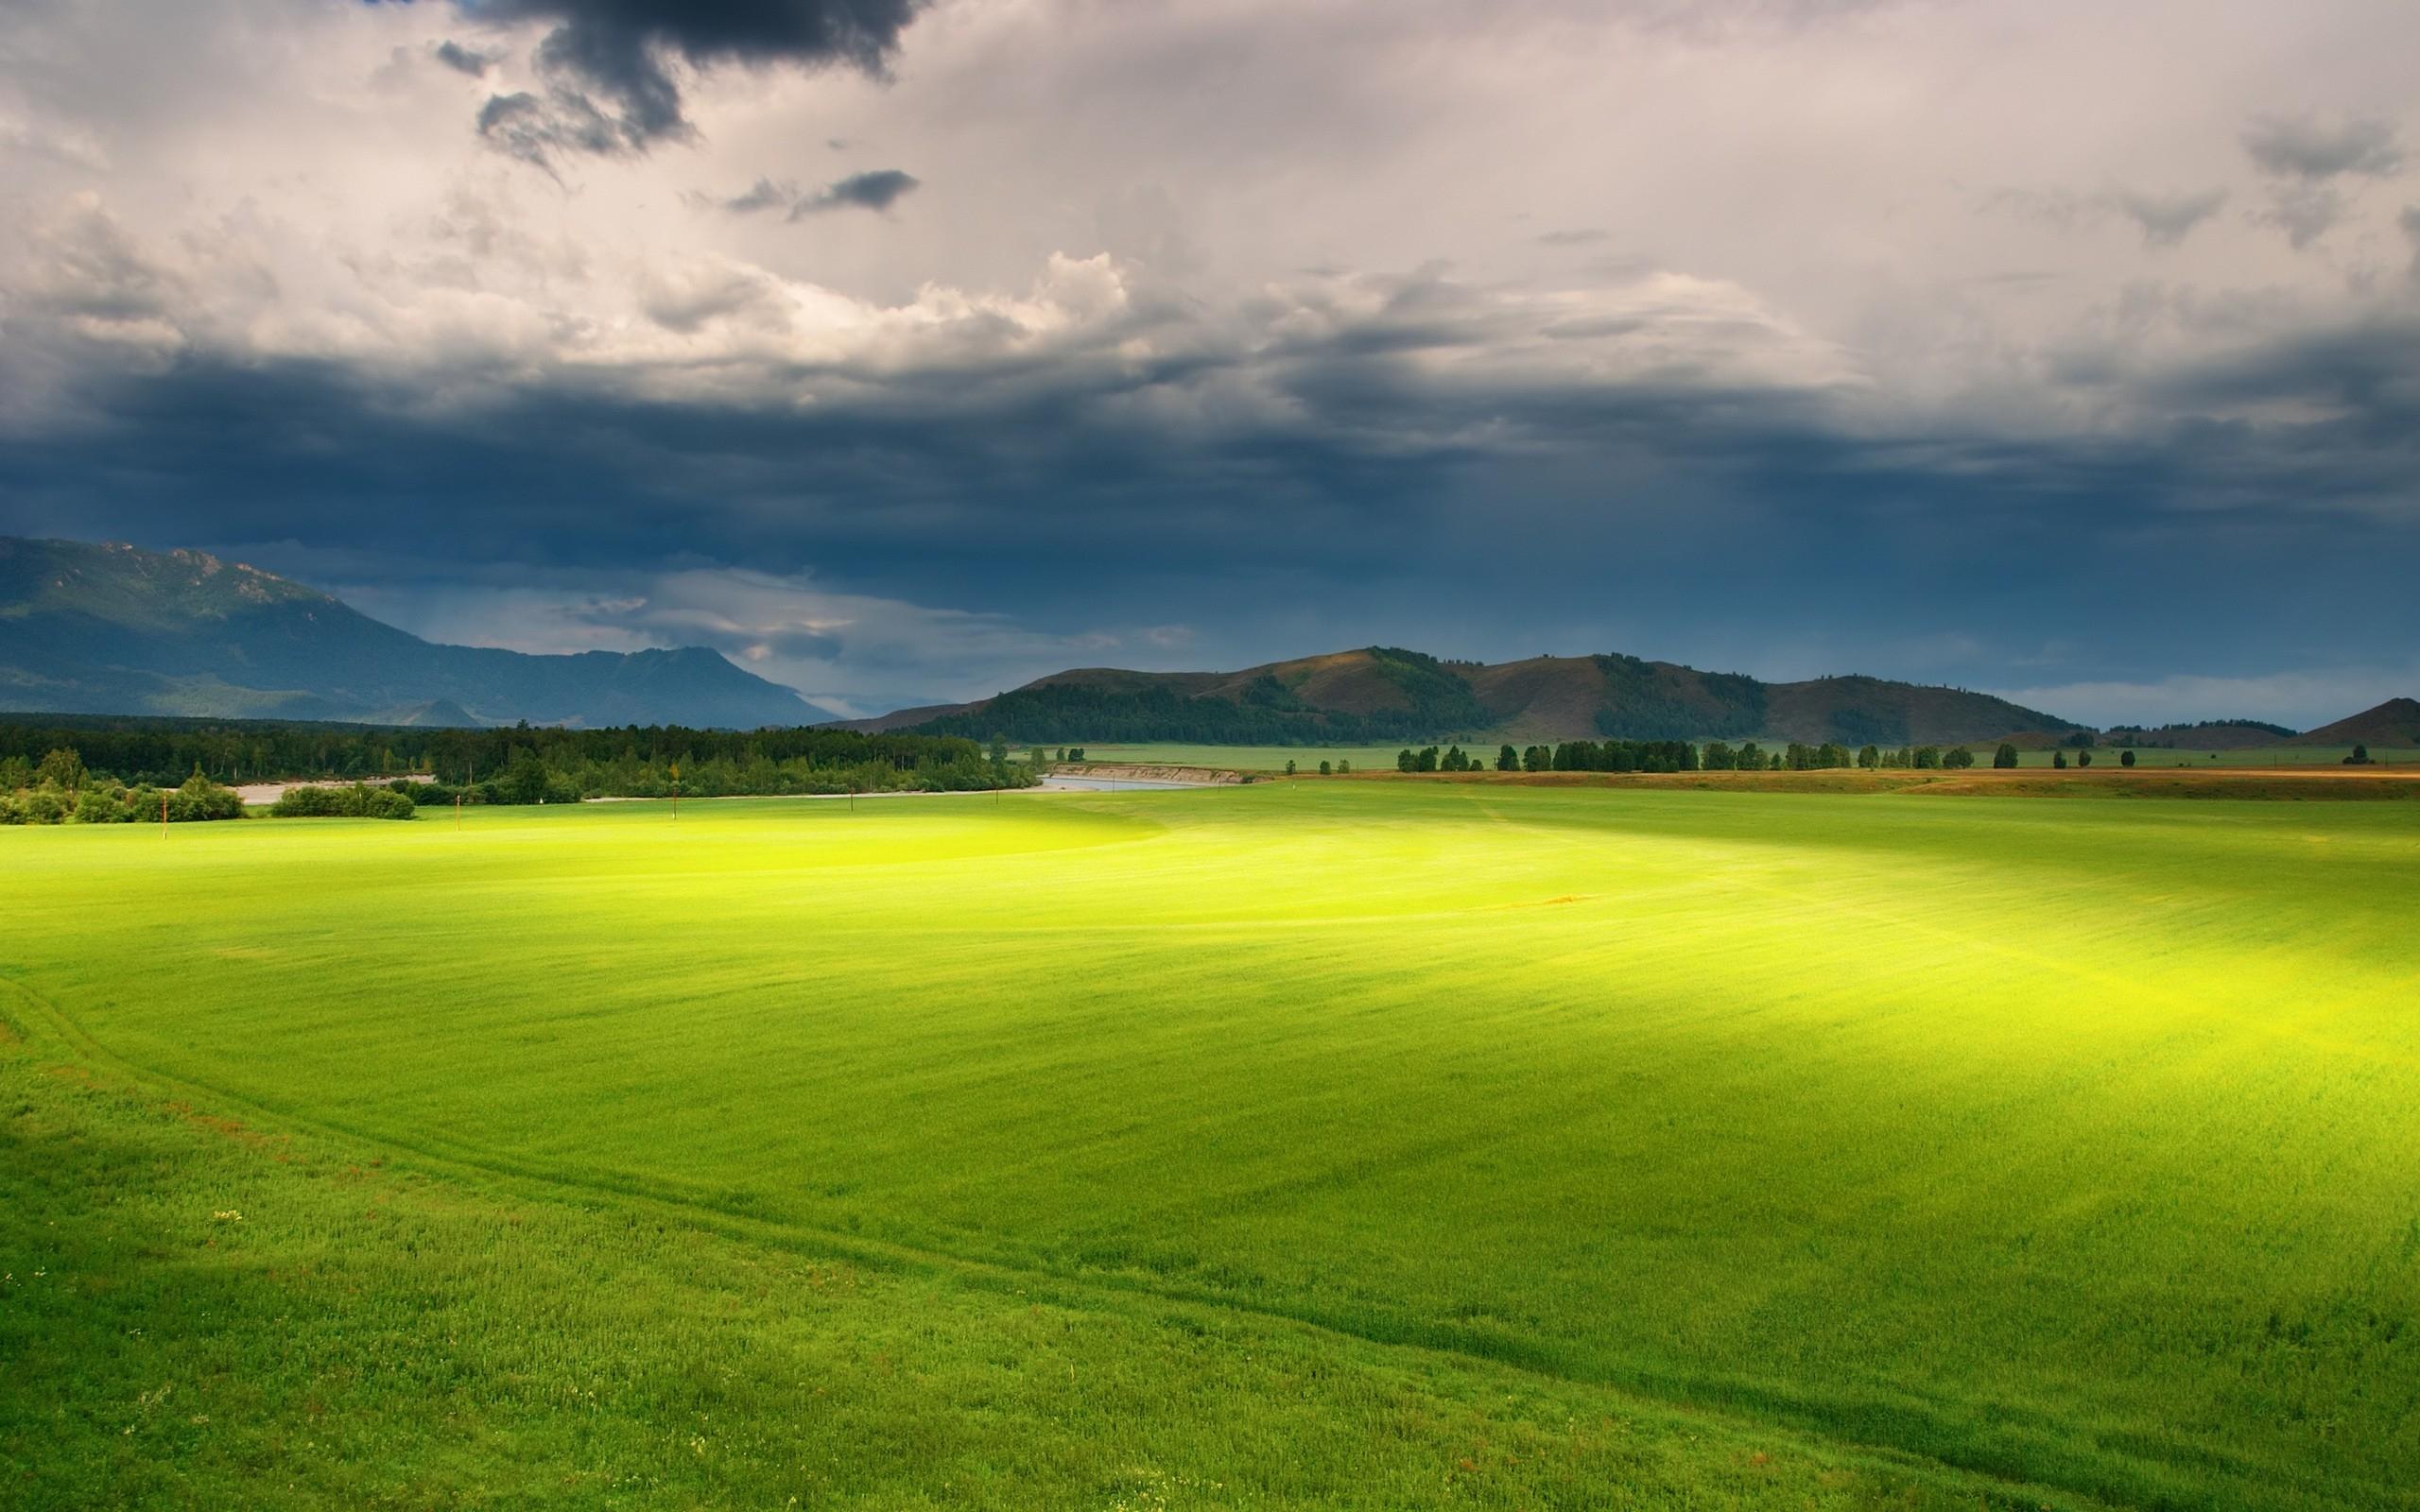 Горы поле деревья трава облака небо природа бесплатно